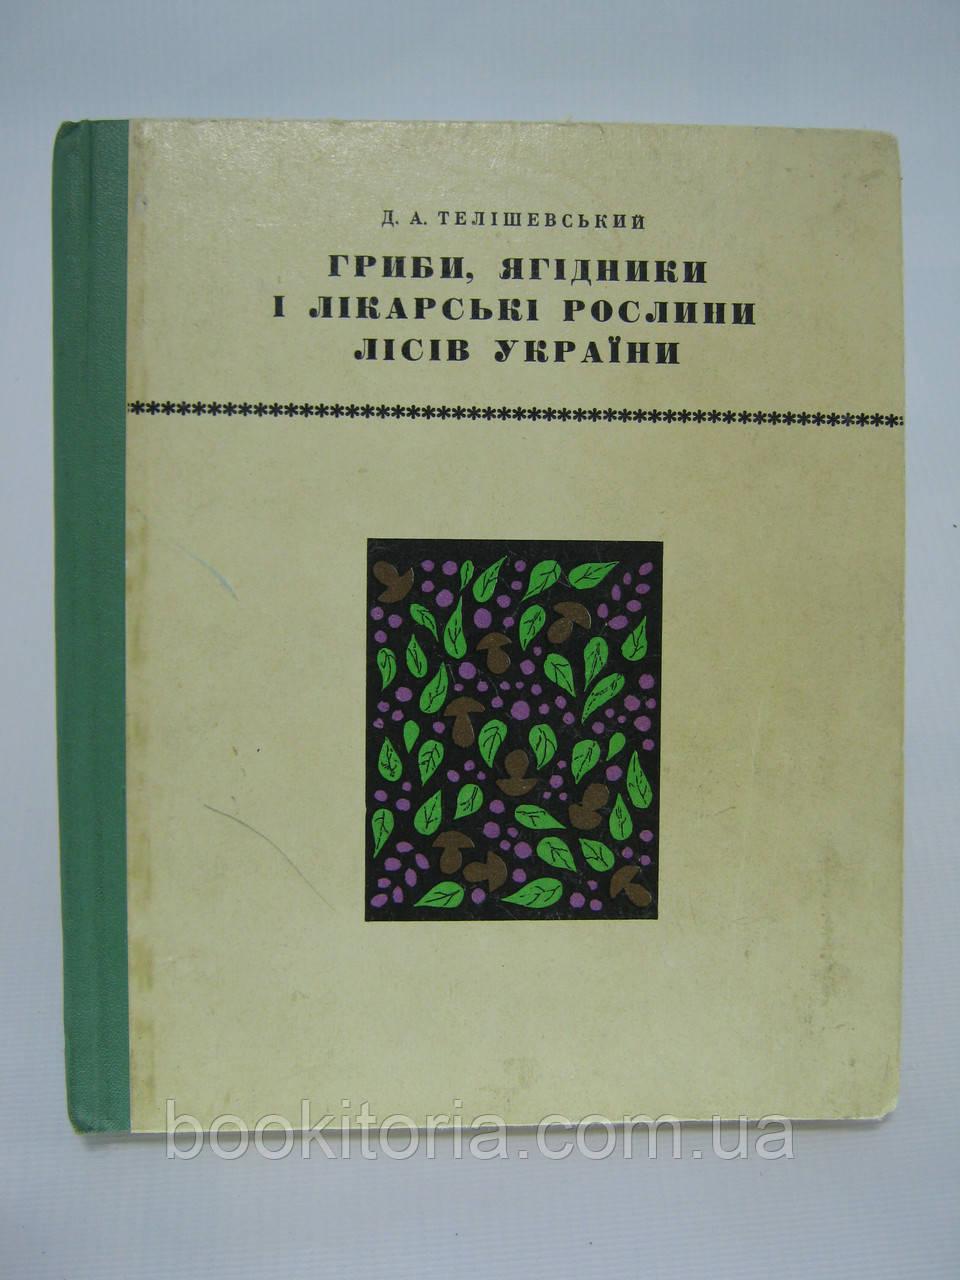 Телішевський Д.А. Гриби, ягідники і лікарські рослини лісів України (б/у).